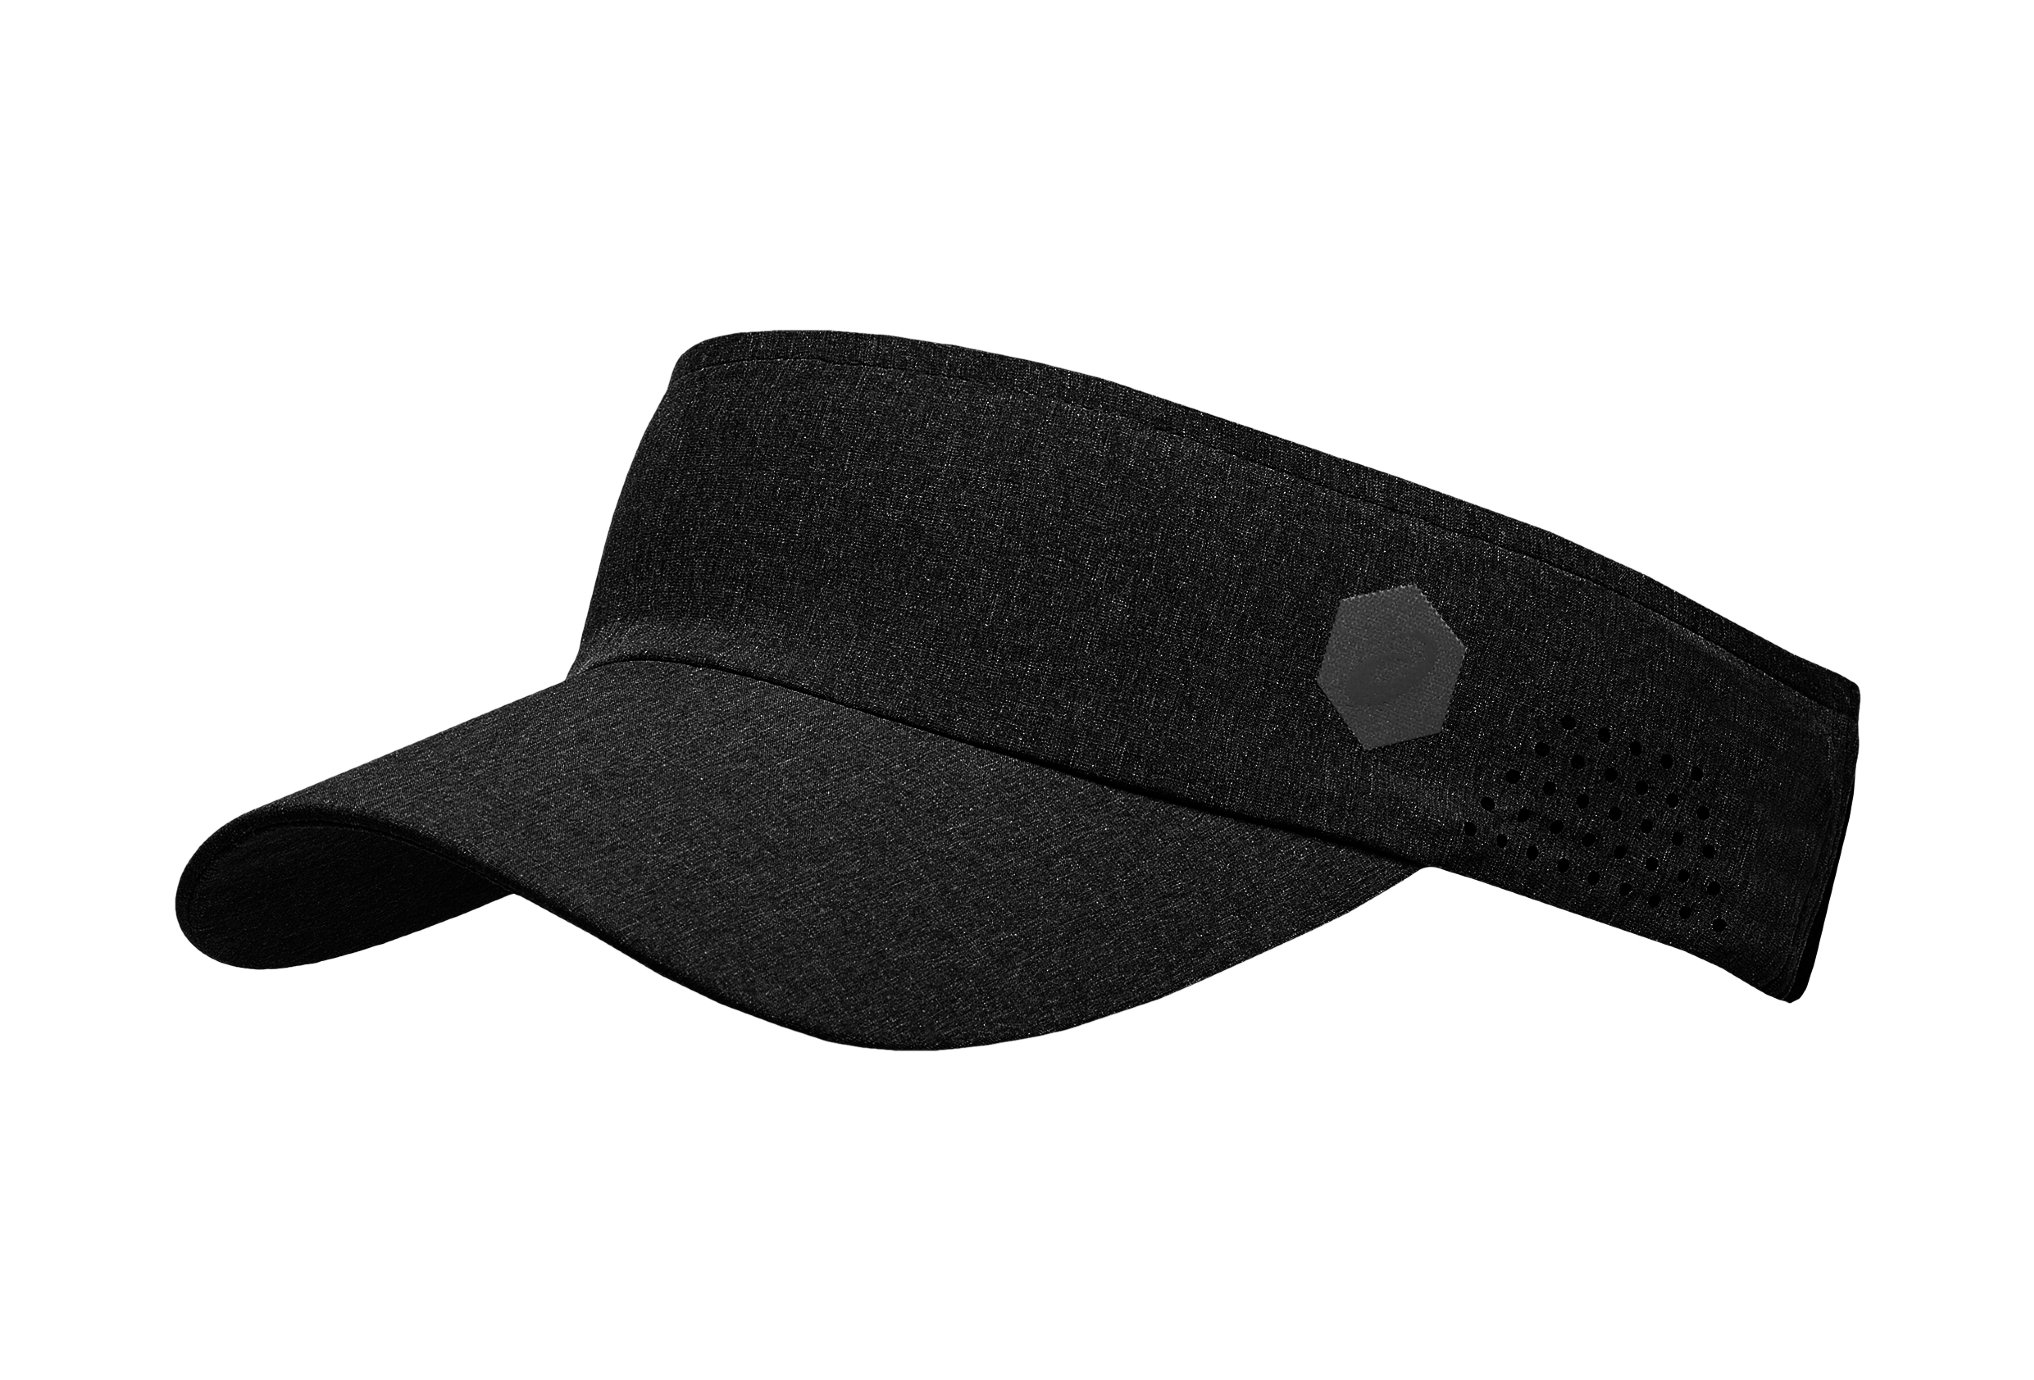 Asics Performance visor casquettes / bandeaux